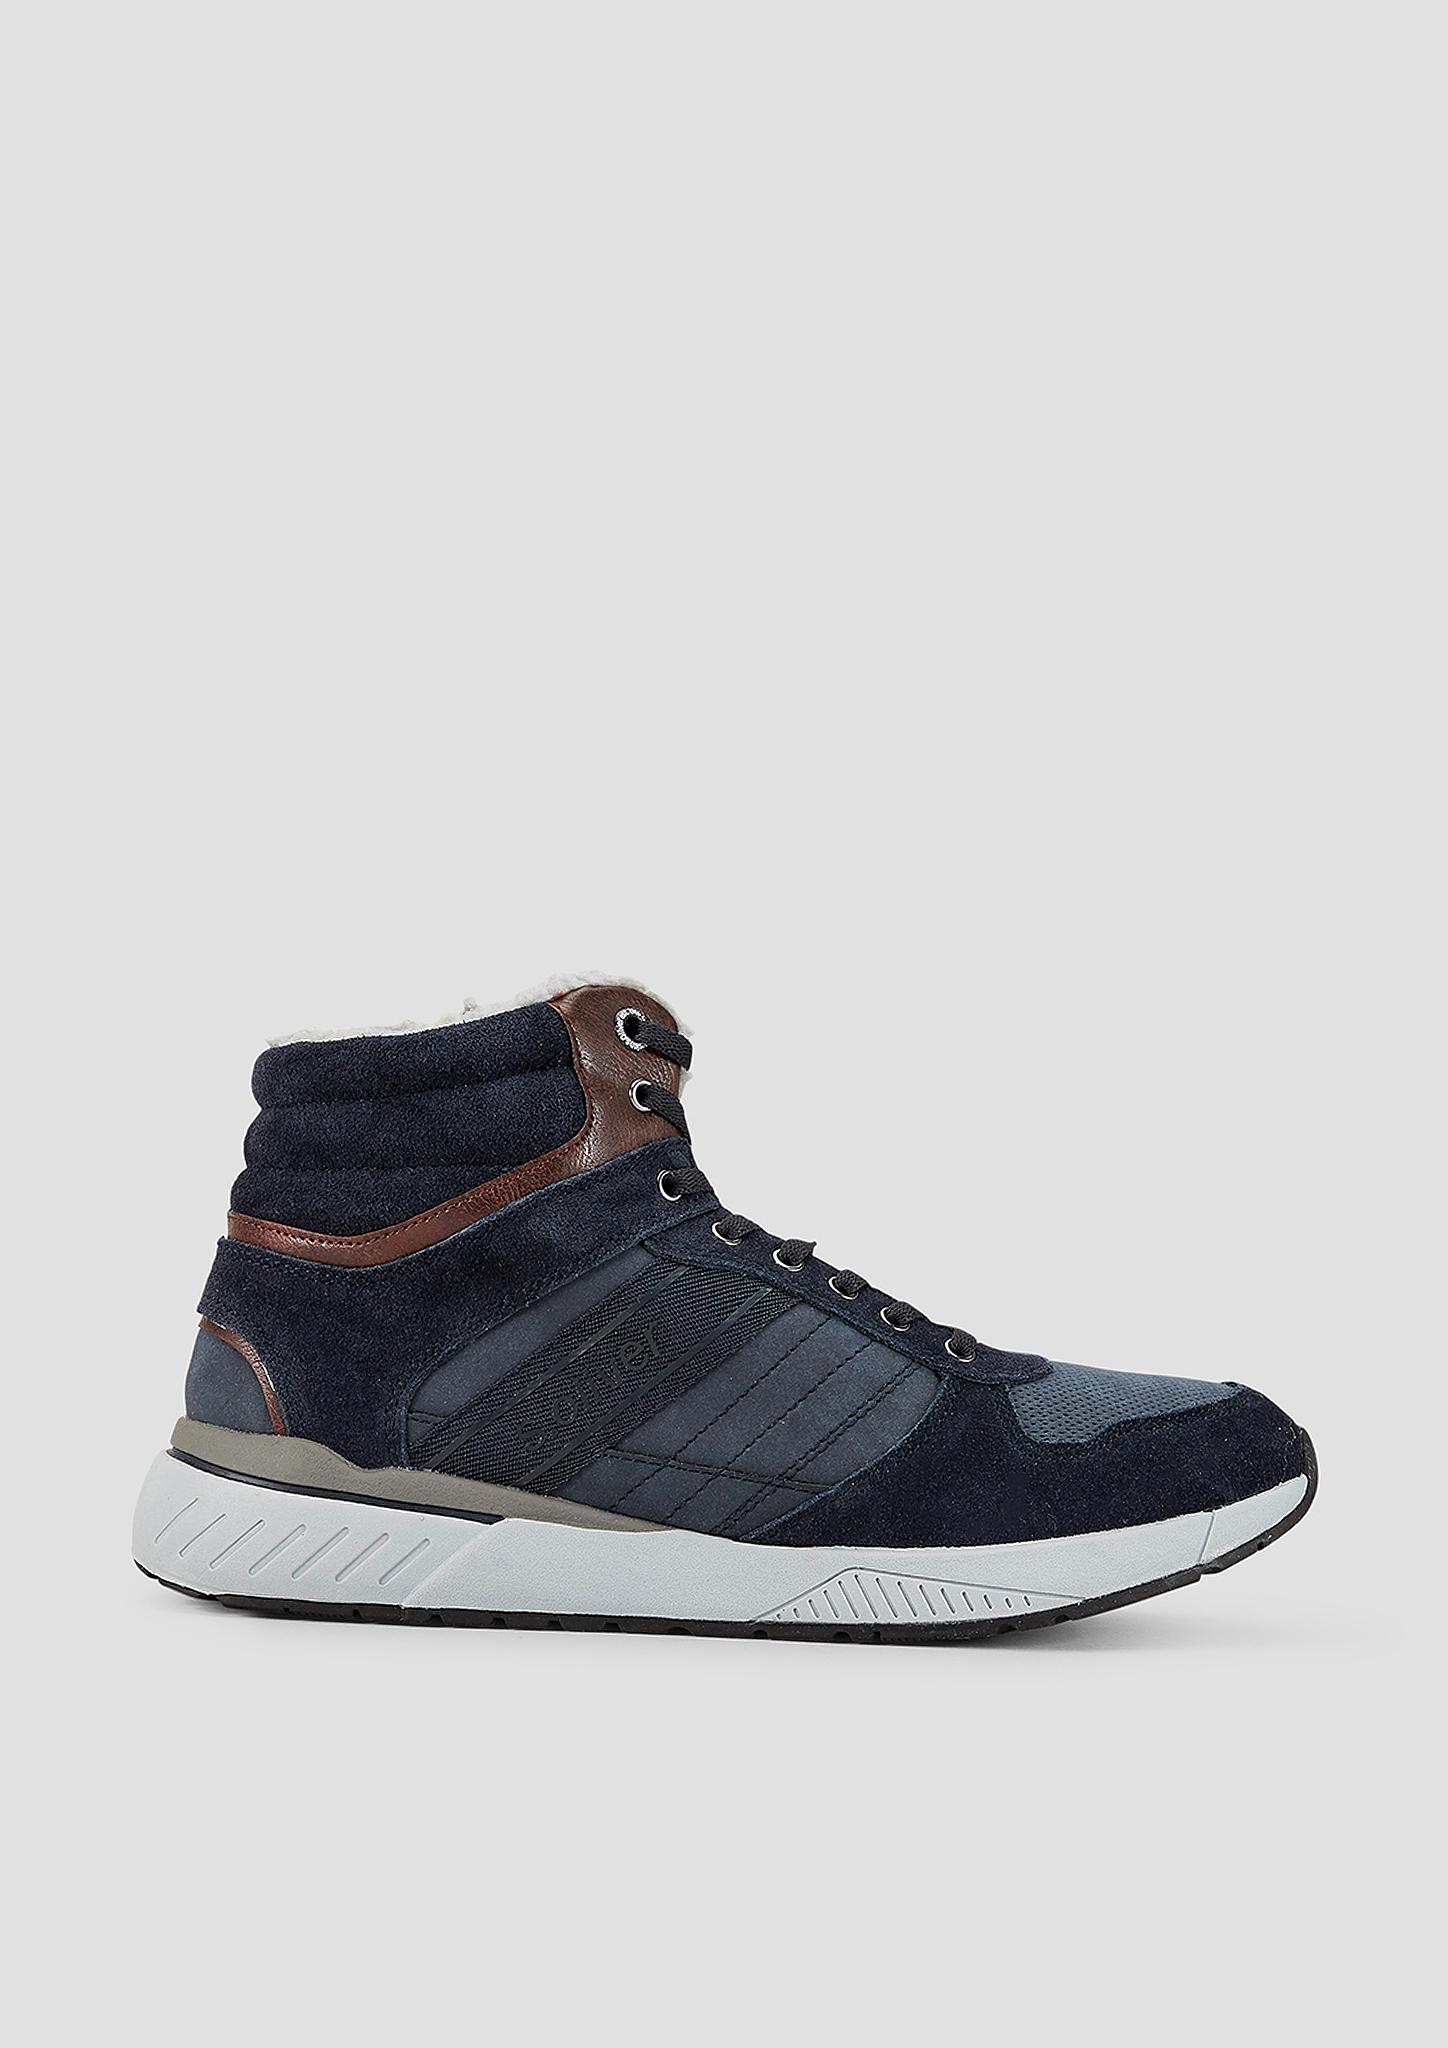 Wintersneaker | Schuhe > Sneaker | Blau | Obermaterial aus echtleder -  synthetik und textil| futter und decksohle aus textil| laufsohle aus synthetik | s.Oliver